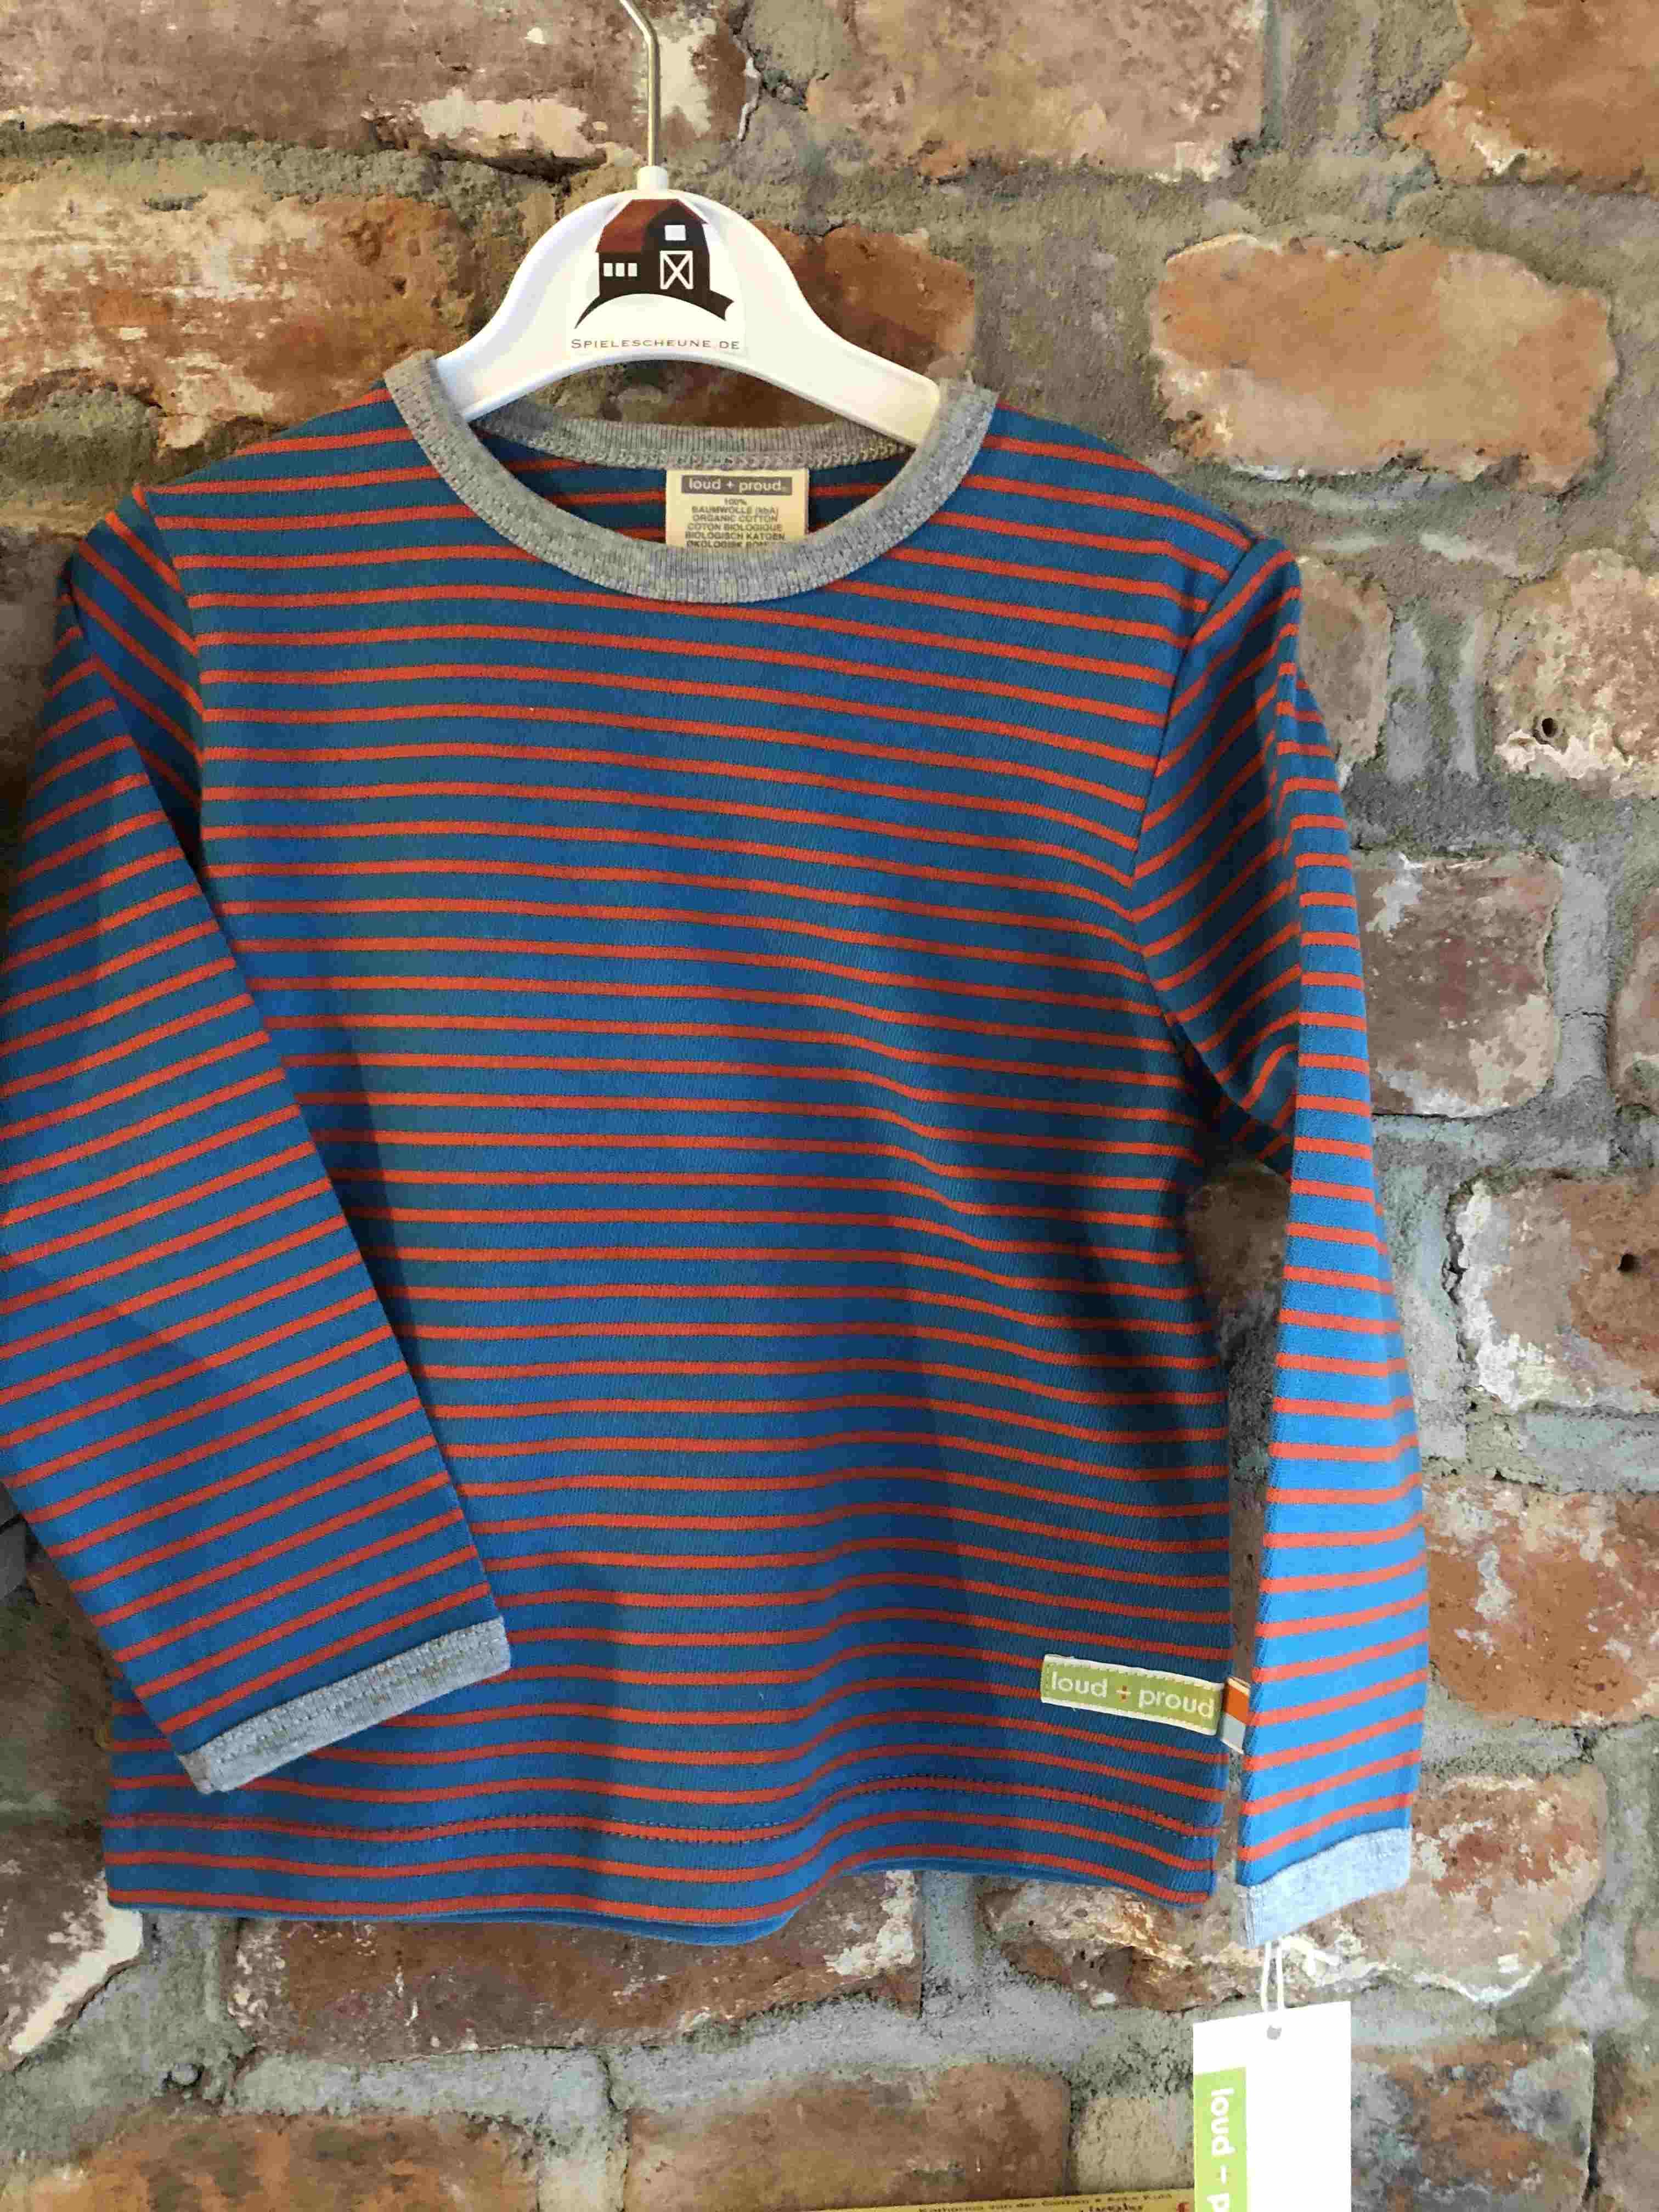 c8d2b051a Shirt Ringel blau orange 74 80 (loud and proud) - Spielescheune.de